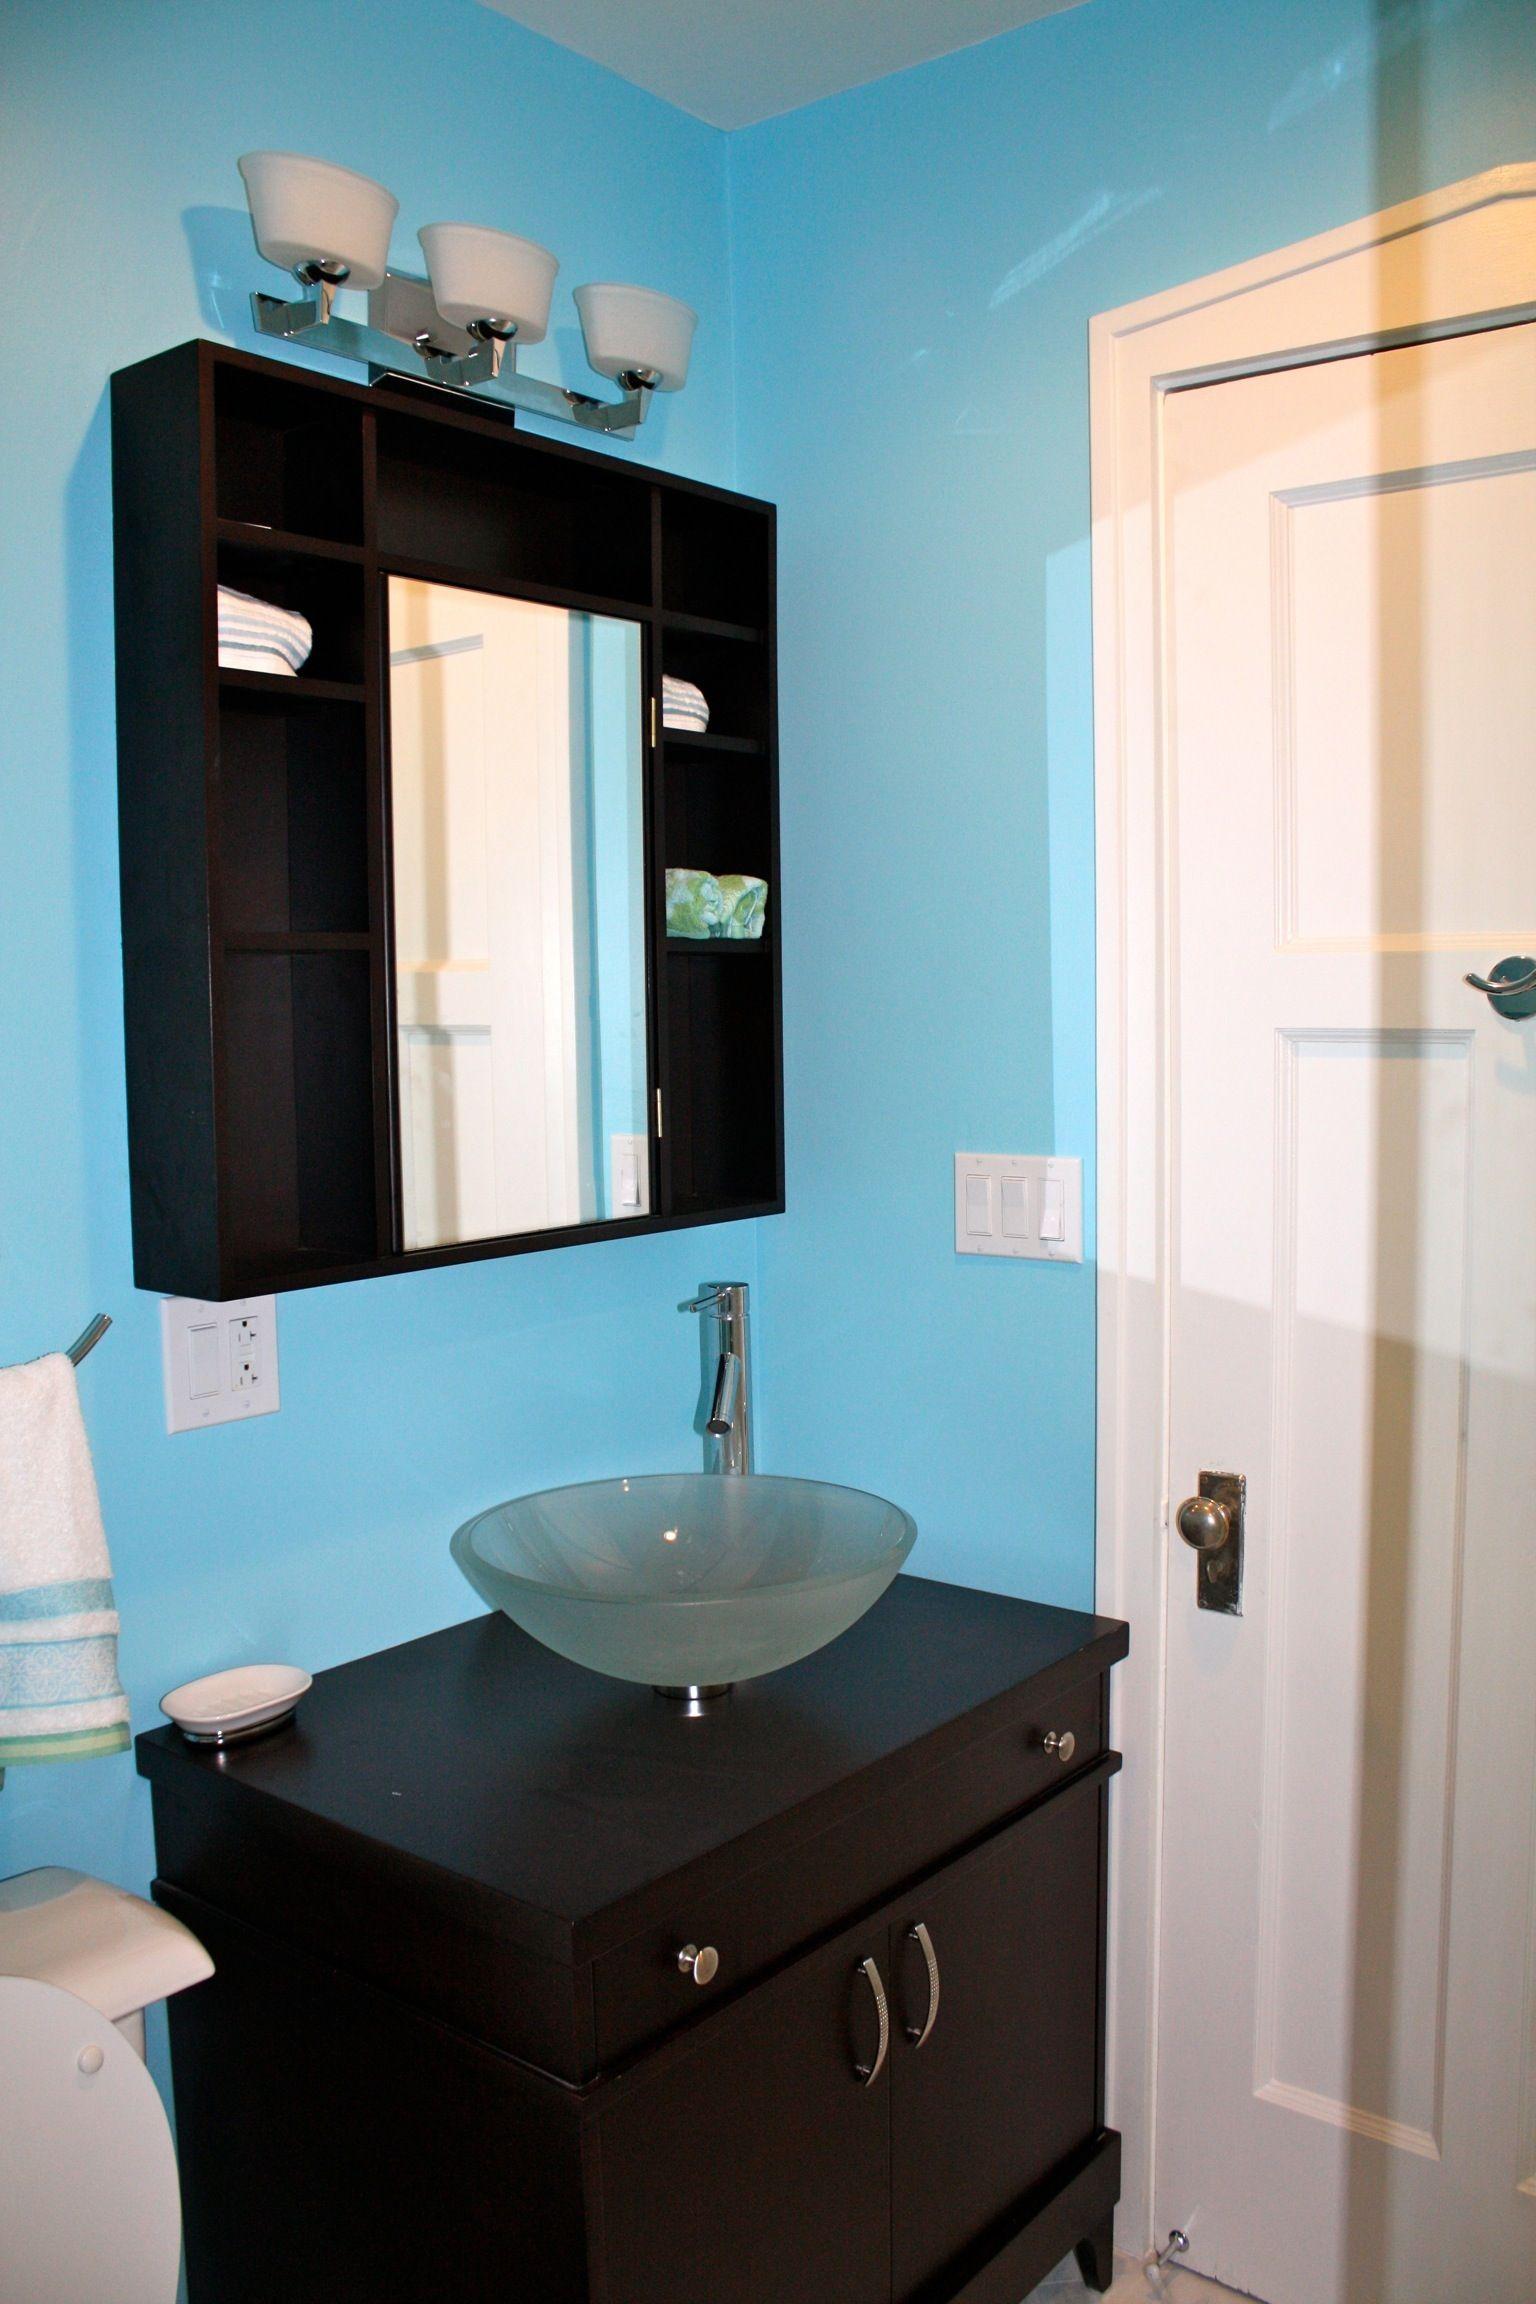 Bathroom Remodeling Chicago   Bathroom Remodeling   Pinterest ...